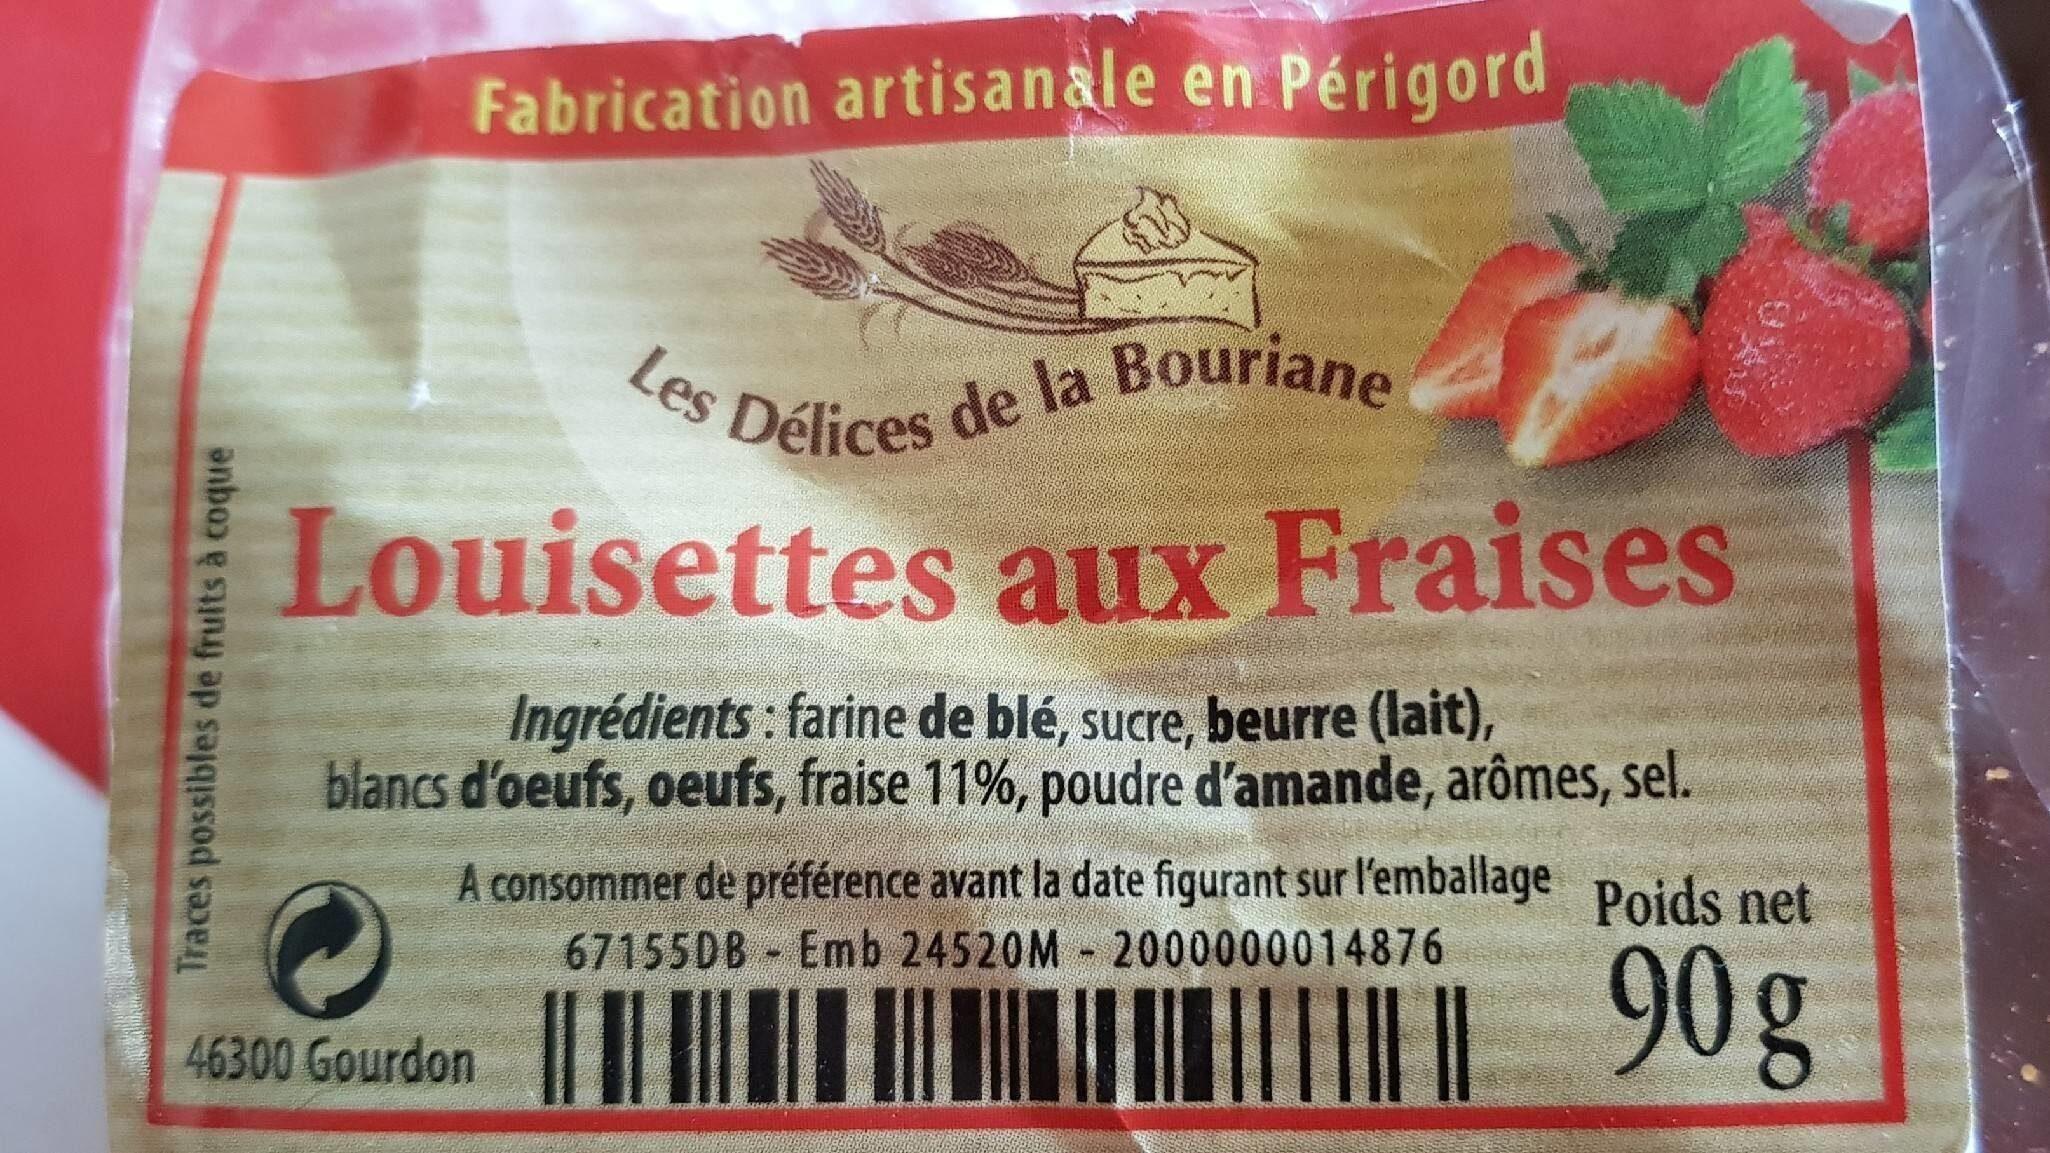 Louisettes aux fraises - Product - fr